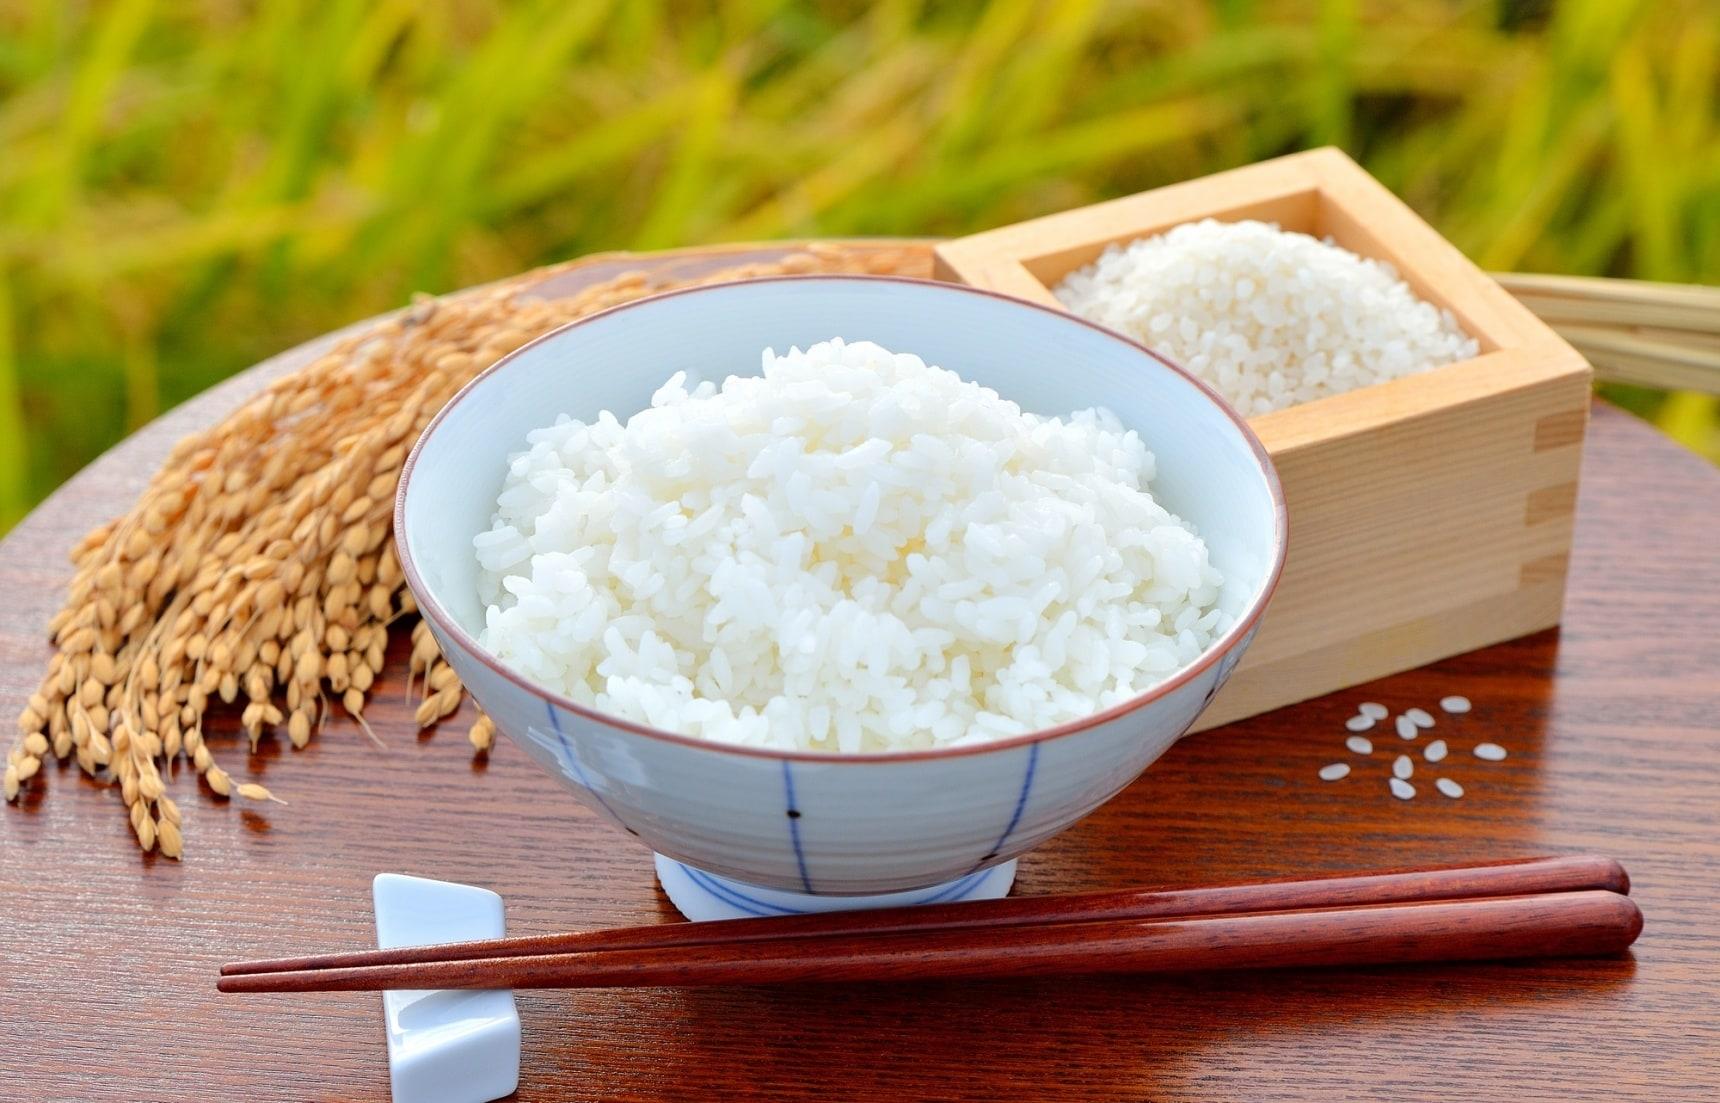 【日本自由行】美味到想帶回家的東北品牌米與帶米回台的注意事項